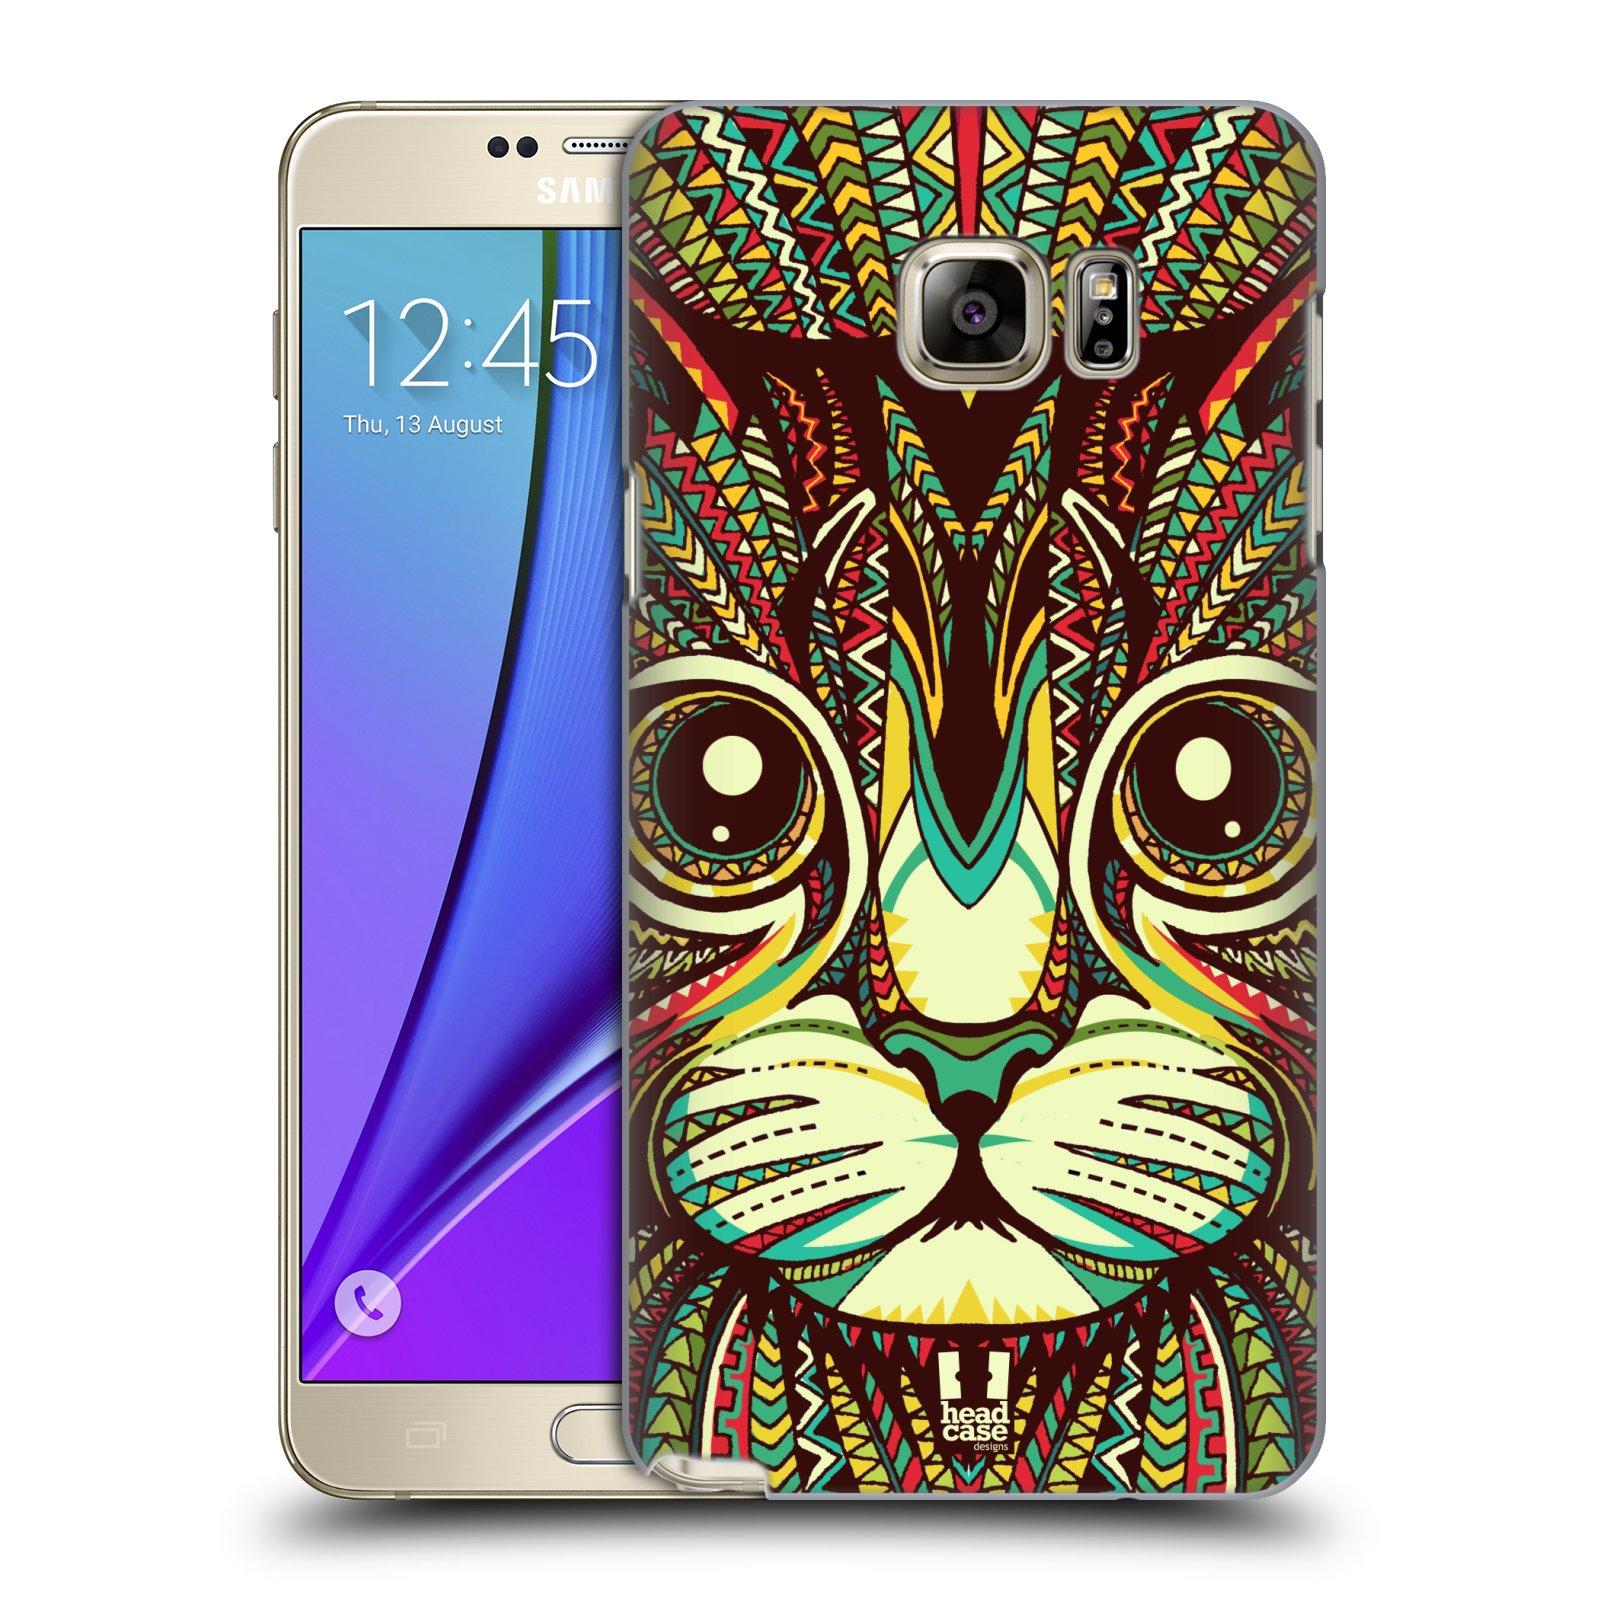 HEAD CASE plastový obal na mobil SAMSUNG Galaxy Note 5 (N920) vzor Aztécký motiv zvíře 2 kotě